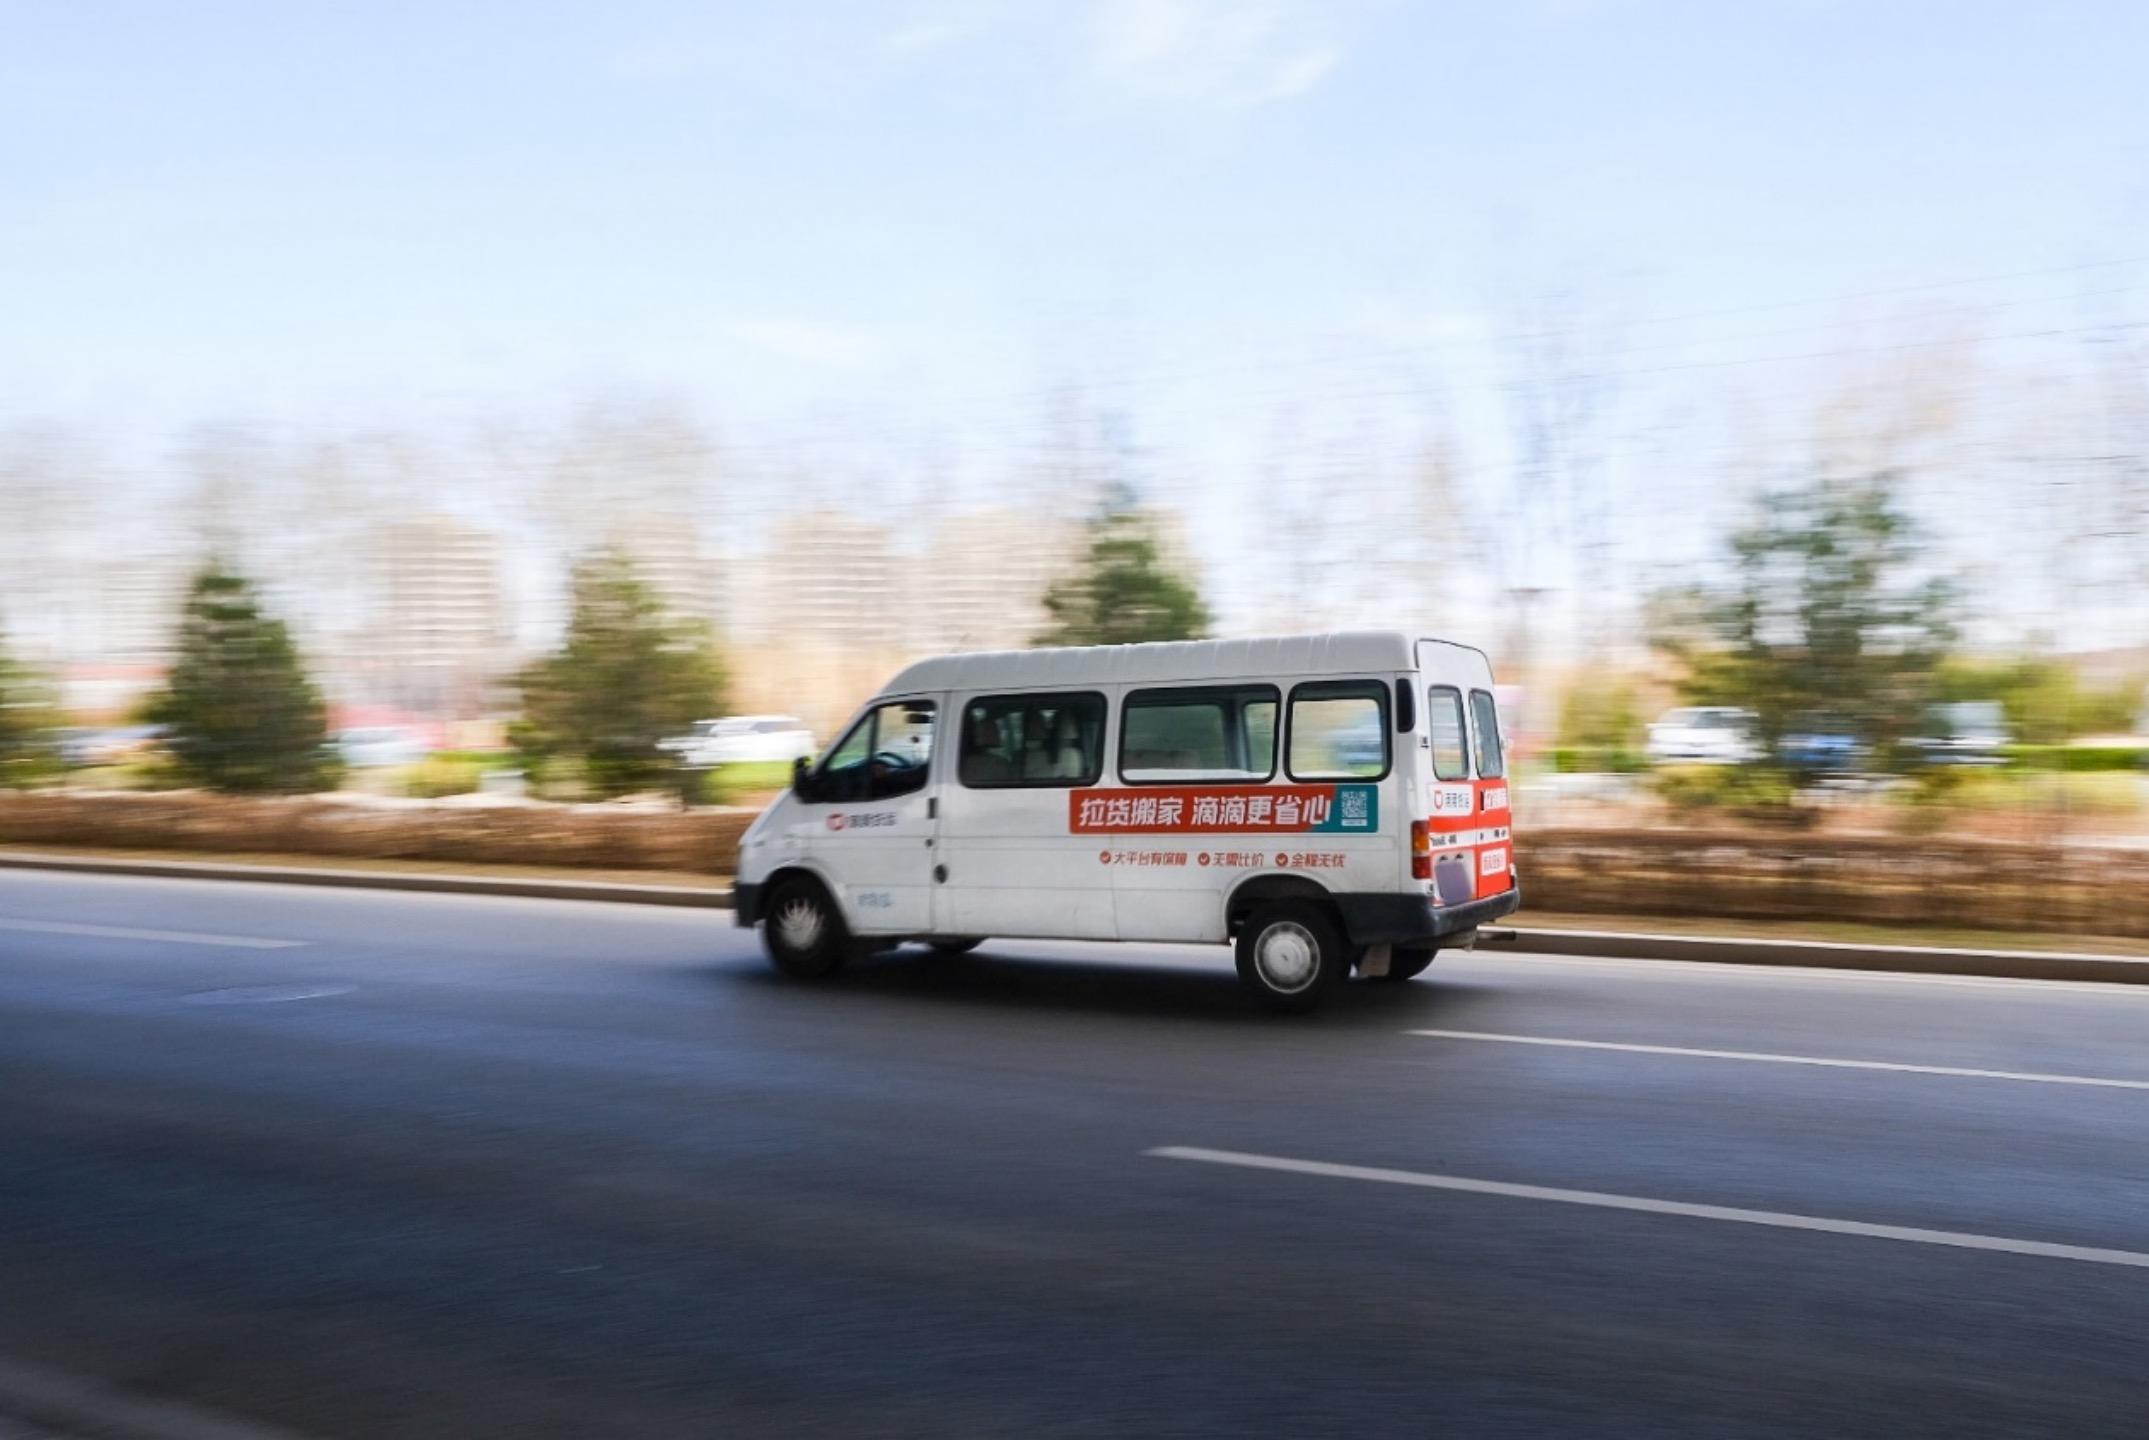 滴滴货运宣布将在北京等11城上线 布局城市达到19个